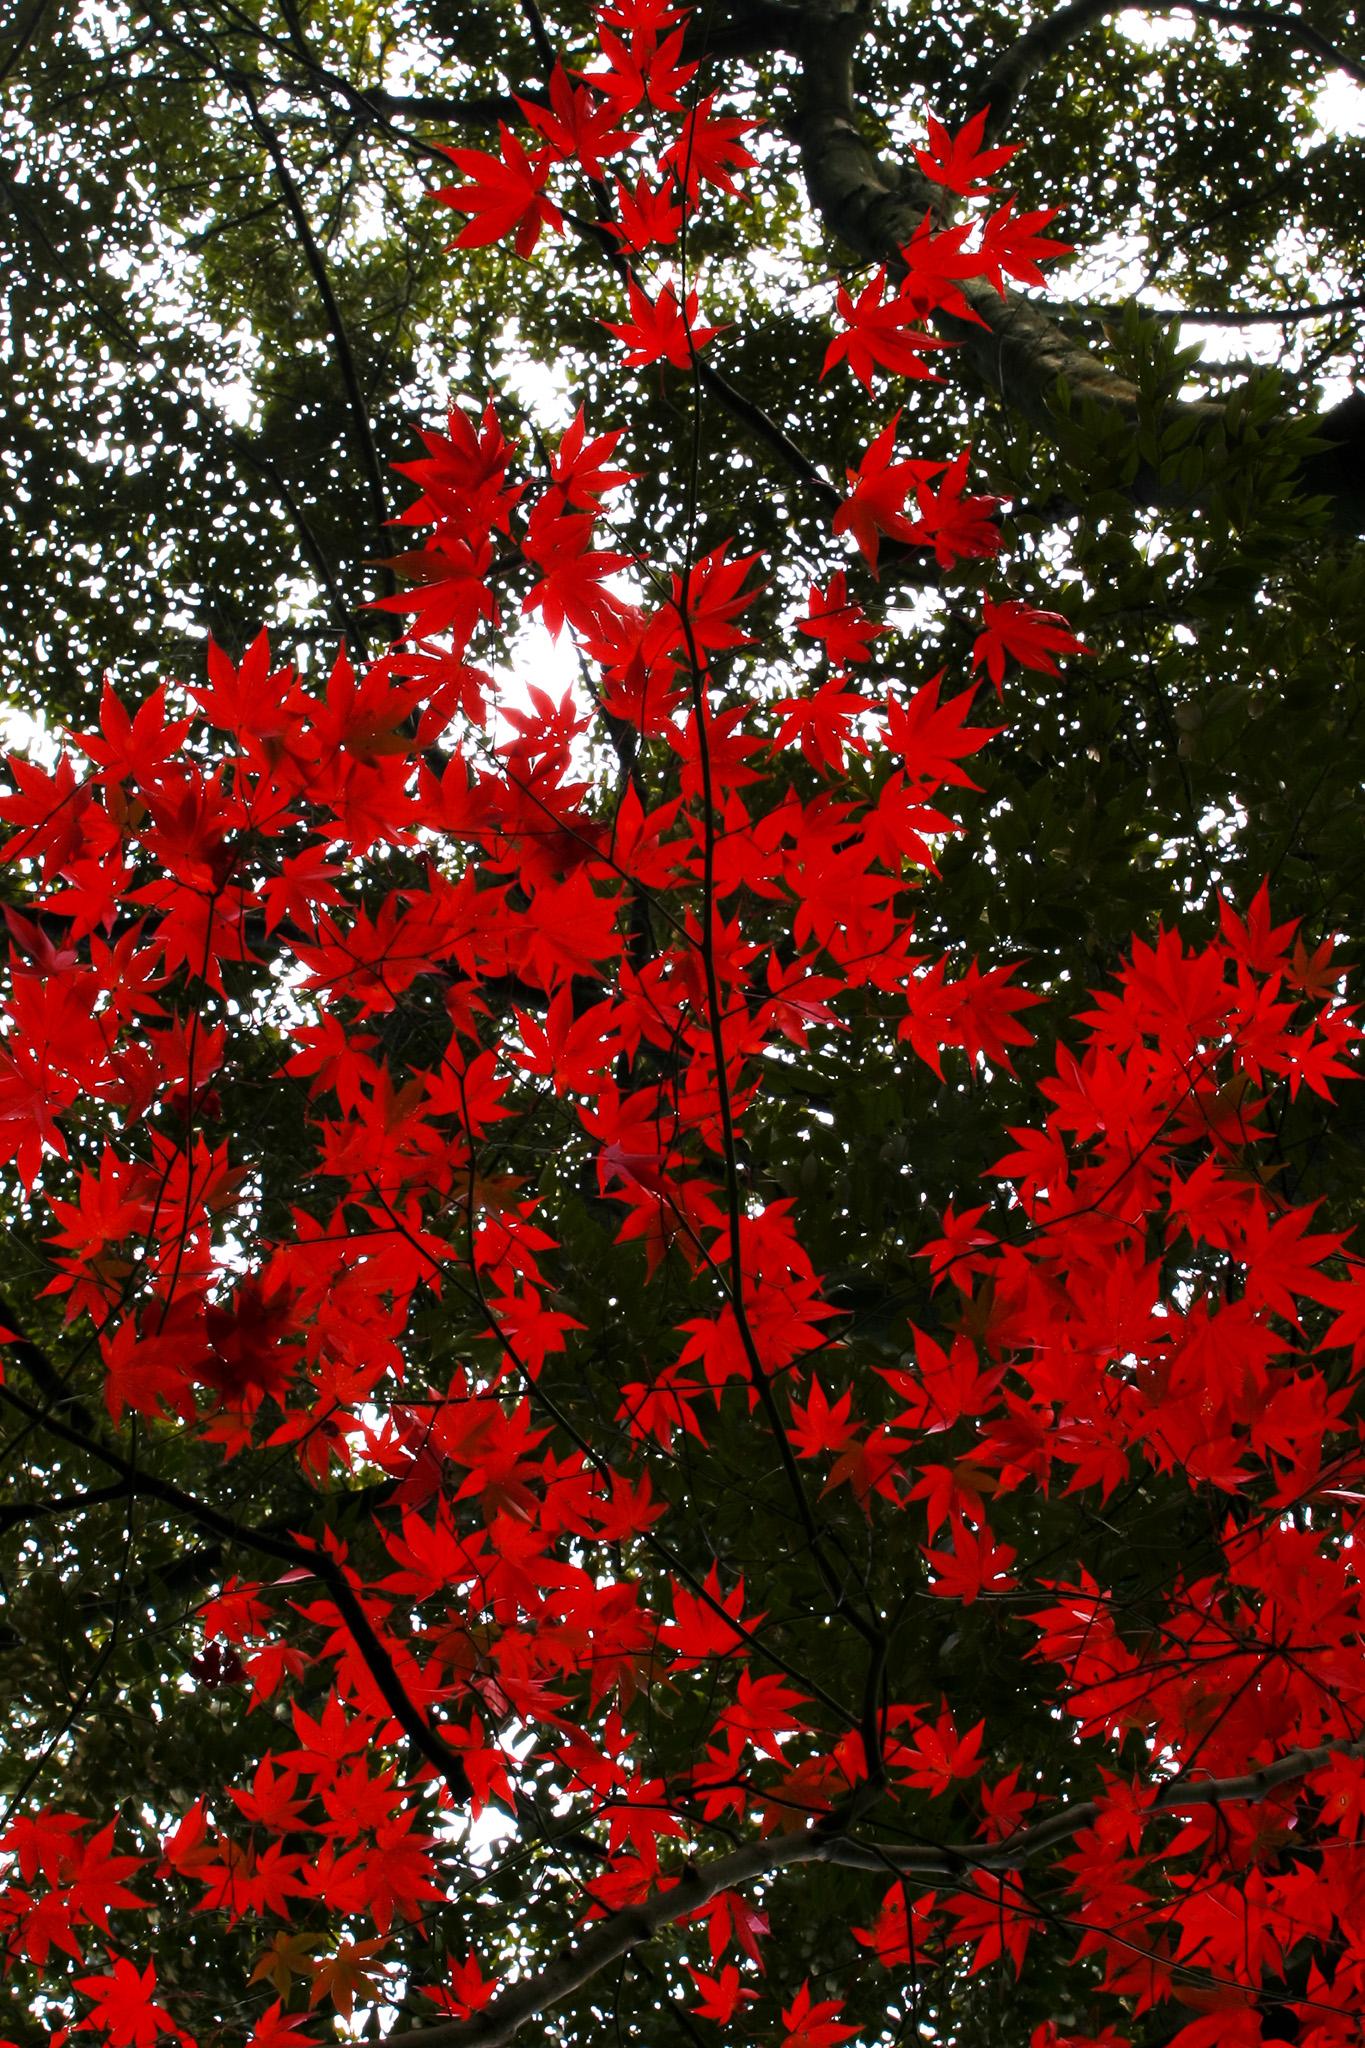 「濃緑に赤く鮮やかな葉」の画像を無料ダウンロード